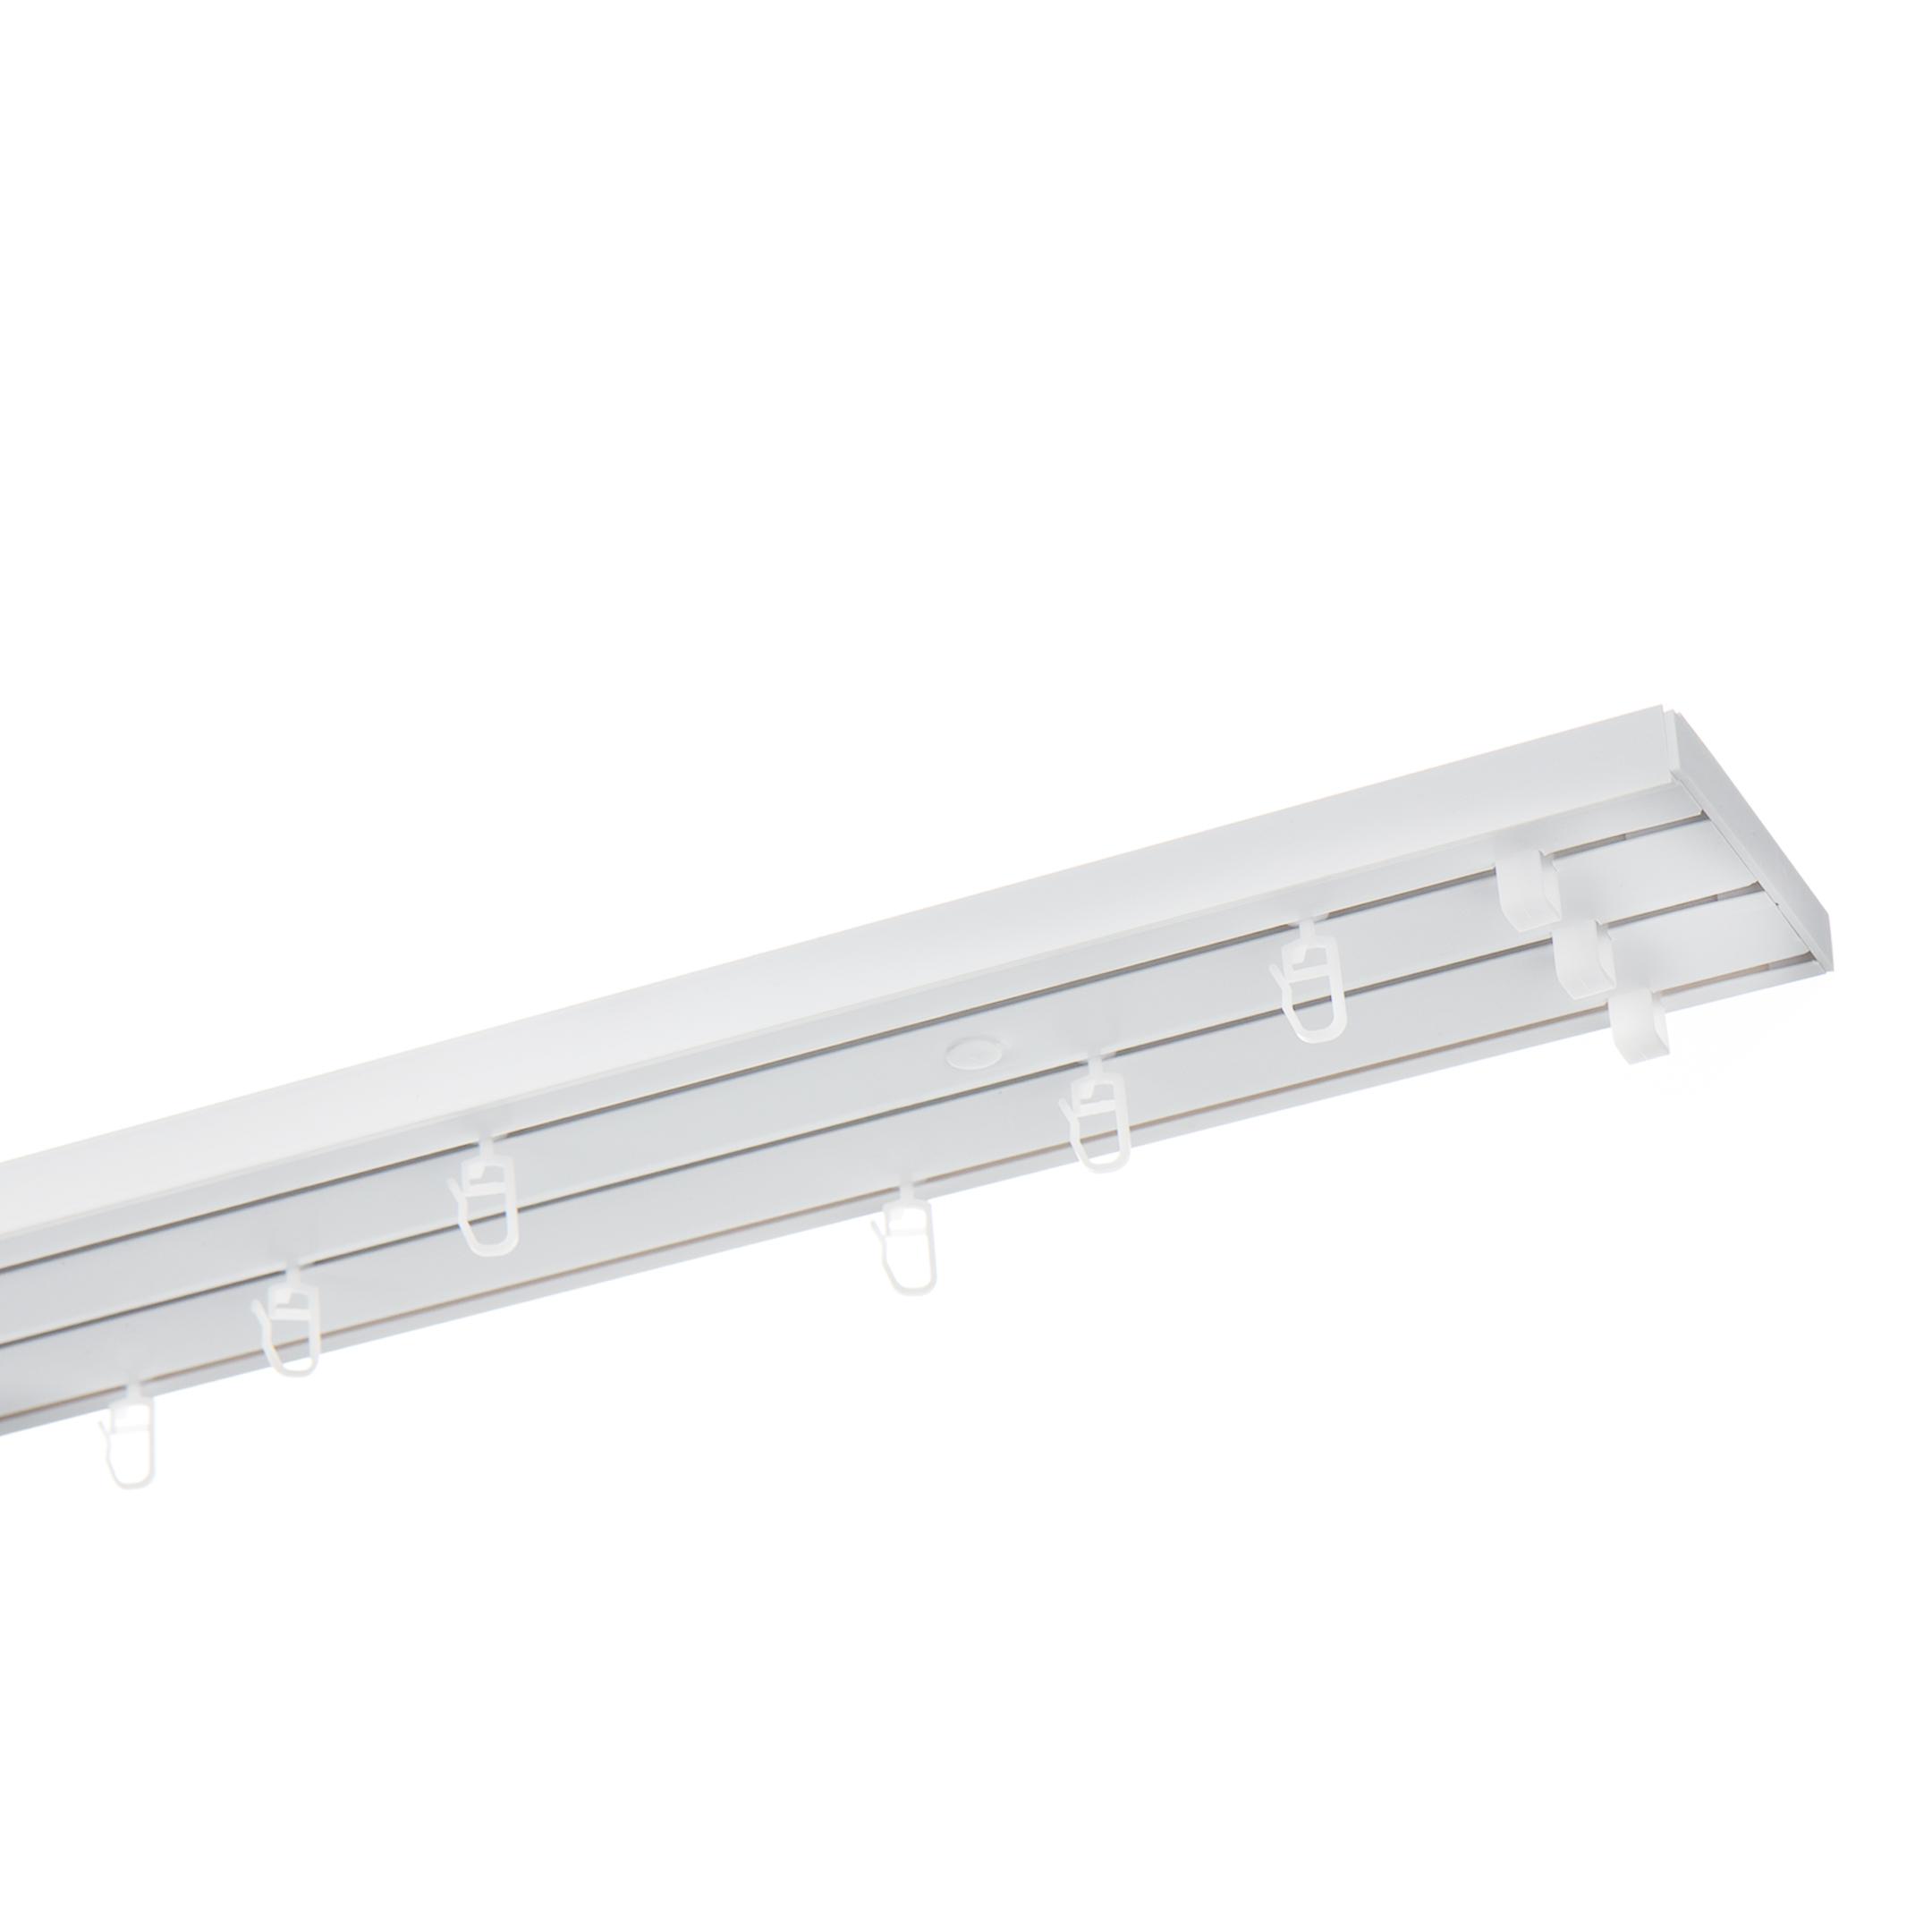 Фото - Карниз потолочный пластмассовый трехрядный 300 см белый карниз потолочный пластиковый dda поворот греция трехрядный краке 3 6